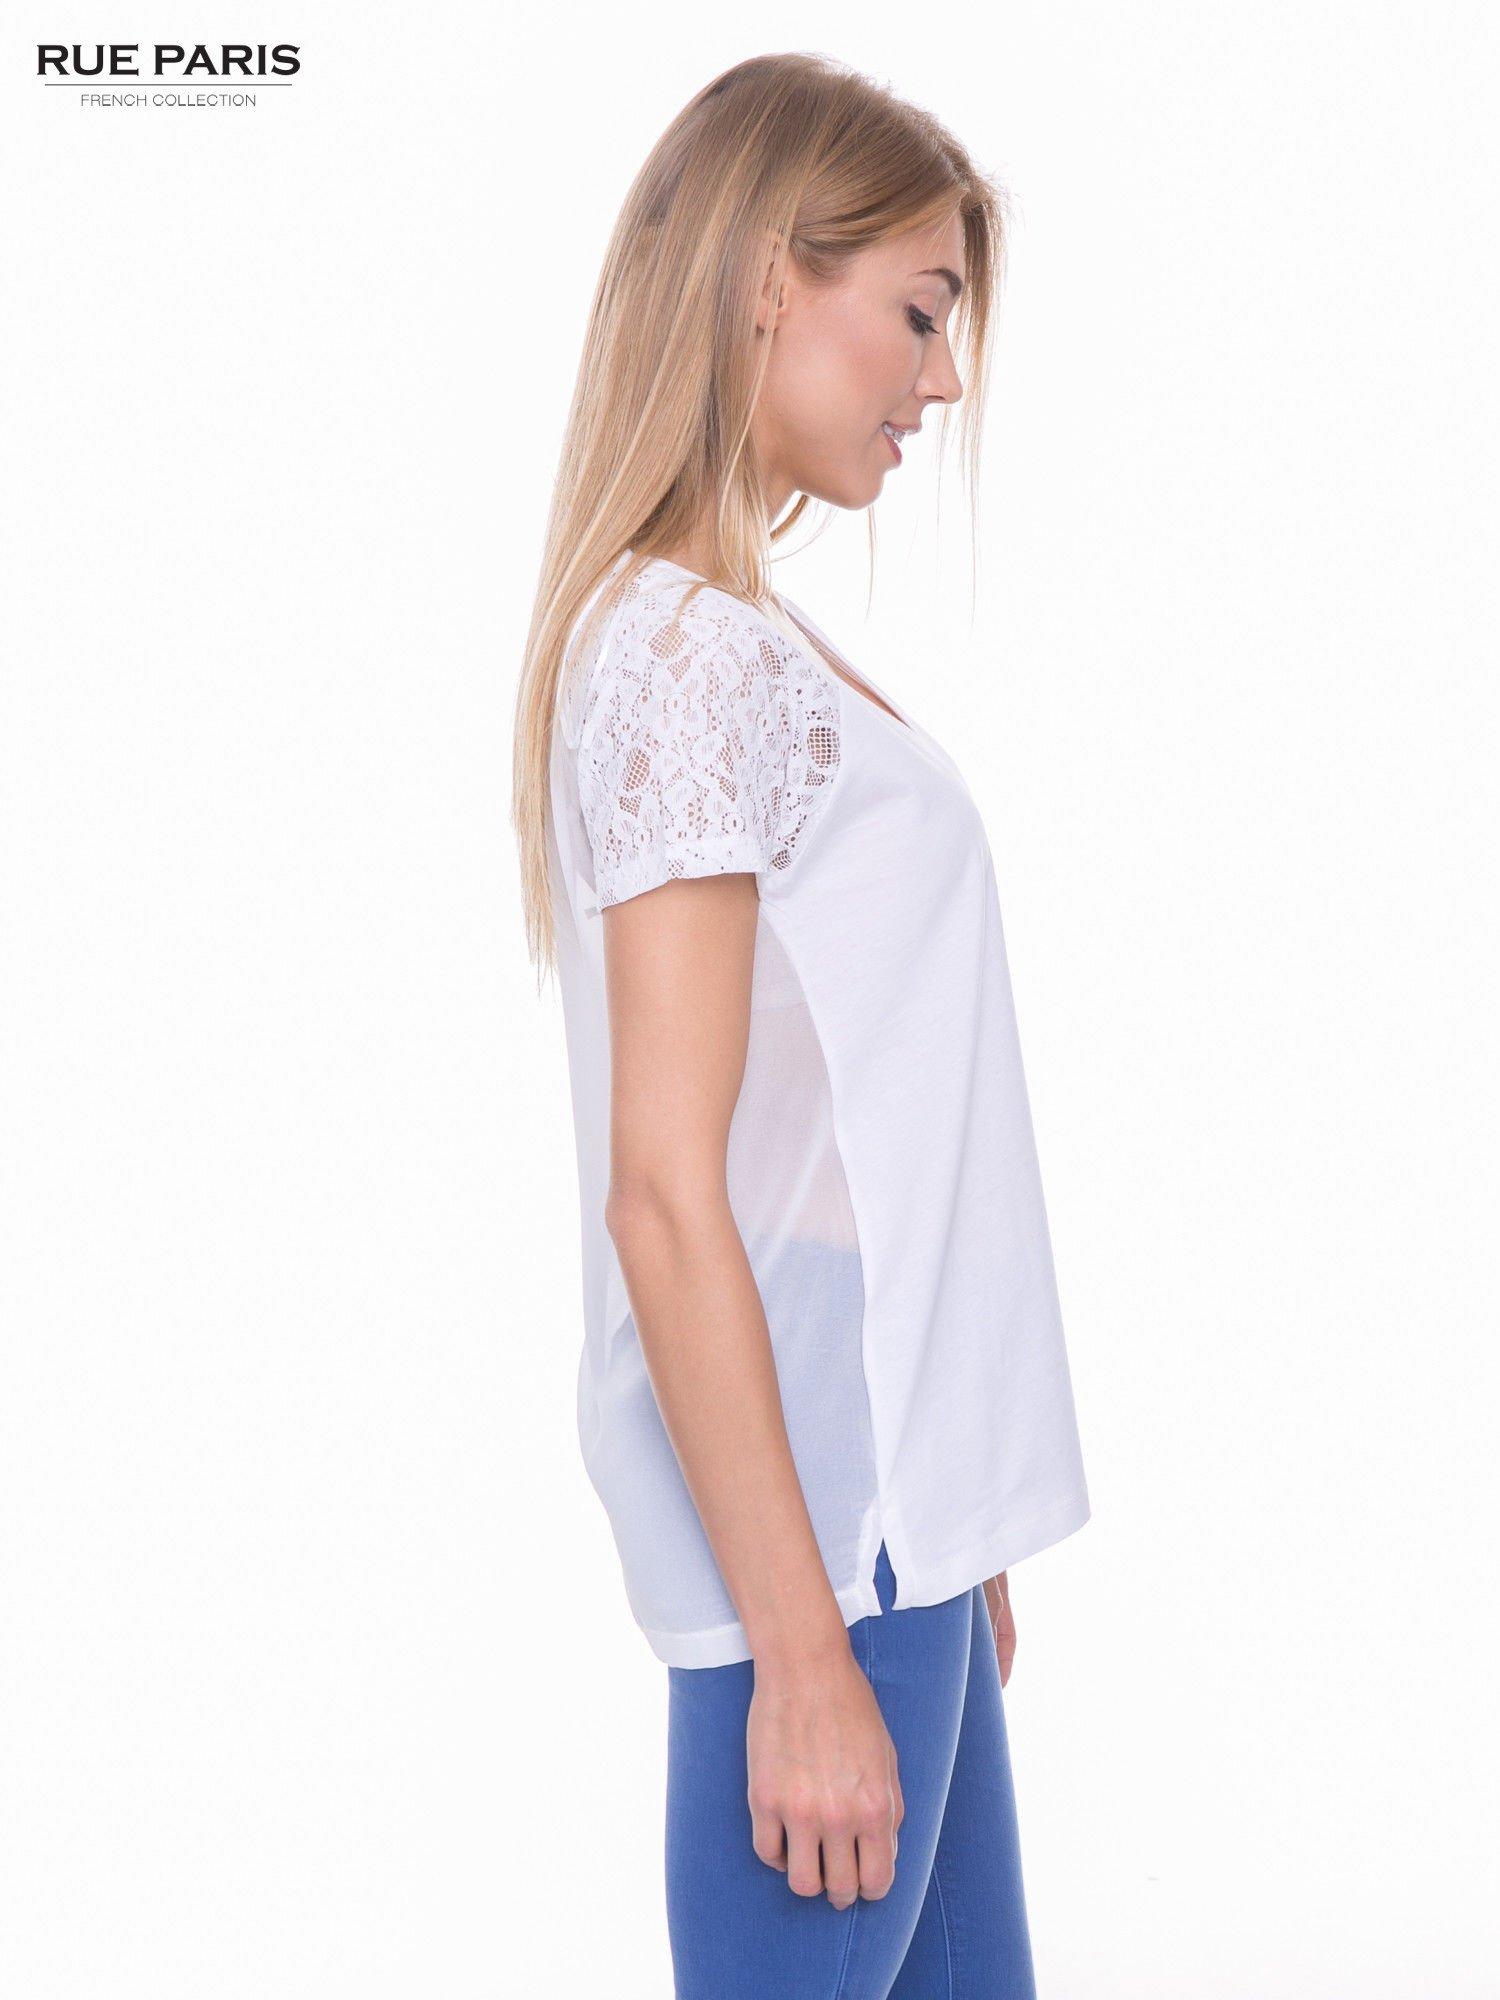 Biały t-shirt z koronkowymi rękawami i szyfonowym tyłem                                  zdj.                                  2